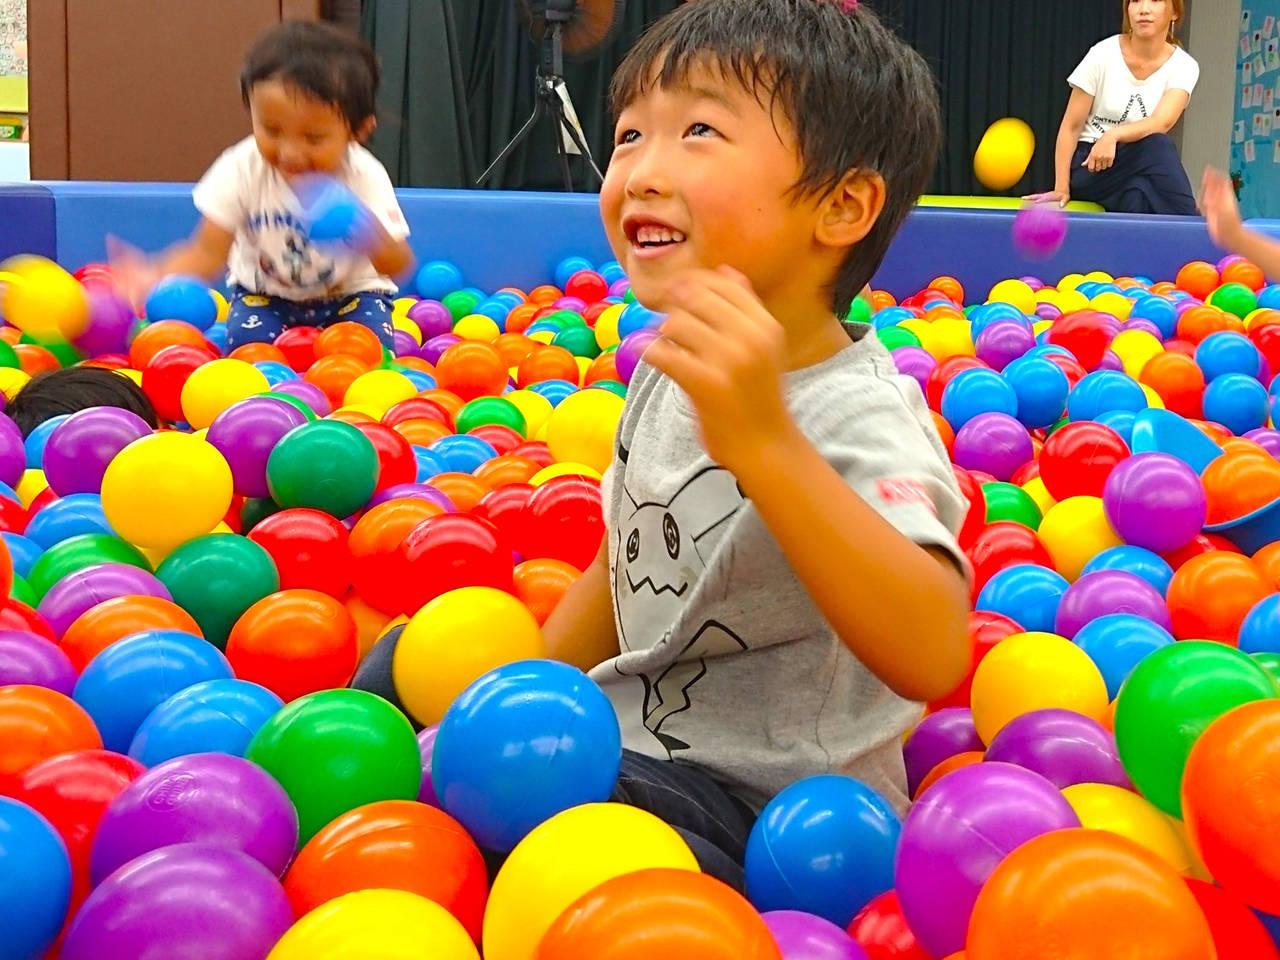 【宮城】大型のふわふわ遊具が人気!室内遊園地「キッズワールド」